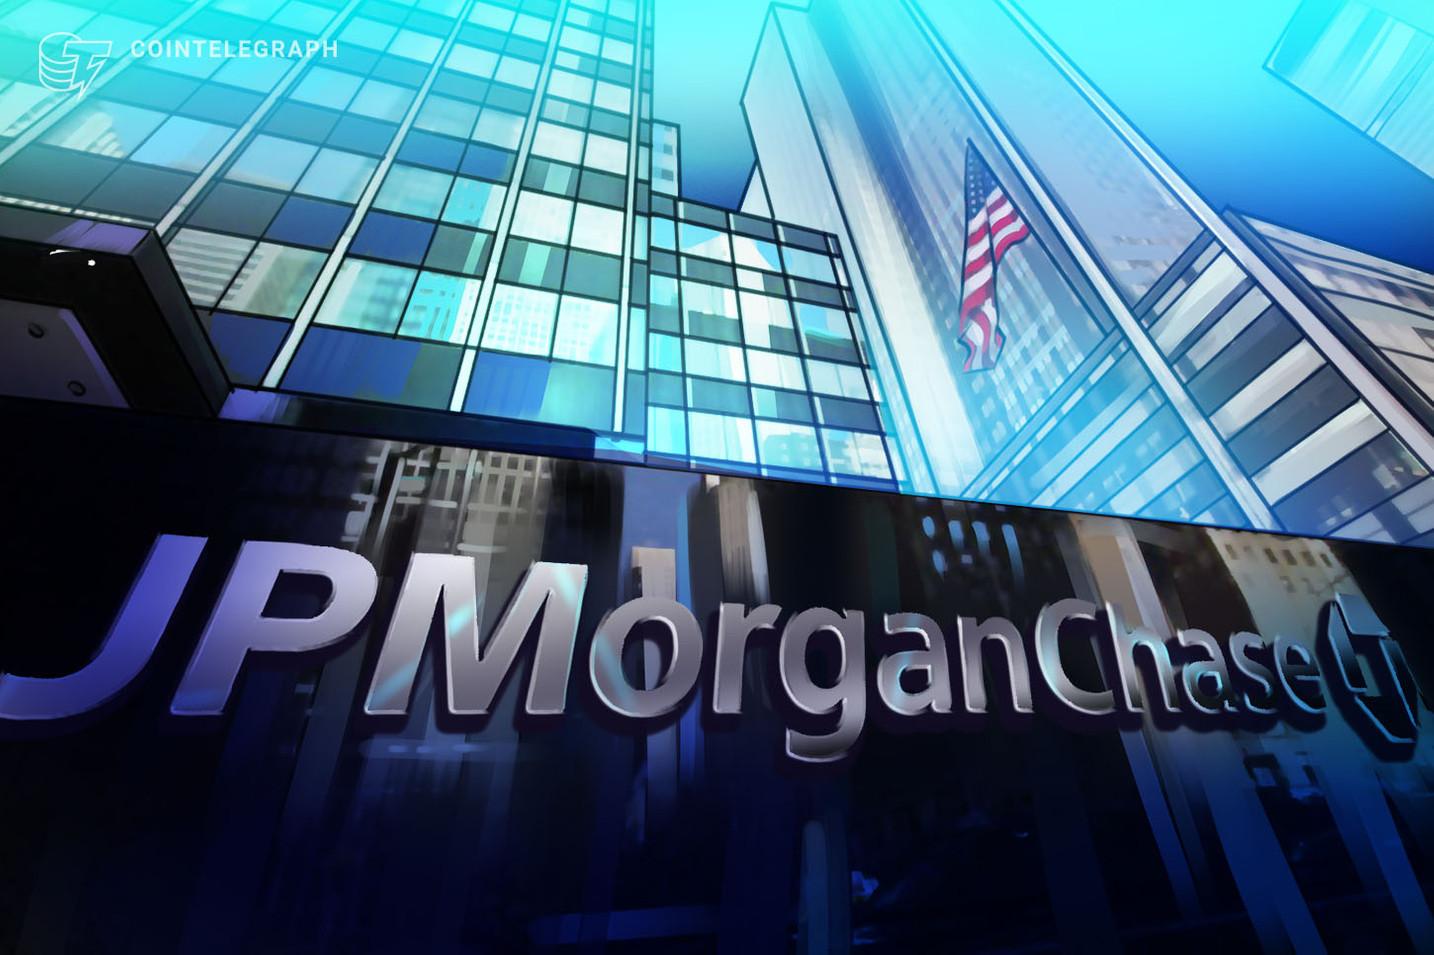 بنك جيه بي مورغان الأمريكي يريد توظيف المزيد من مواهب بلوكتشين